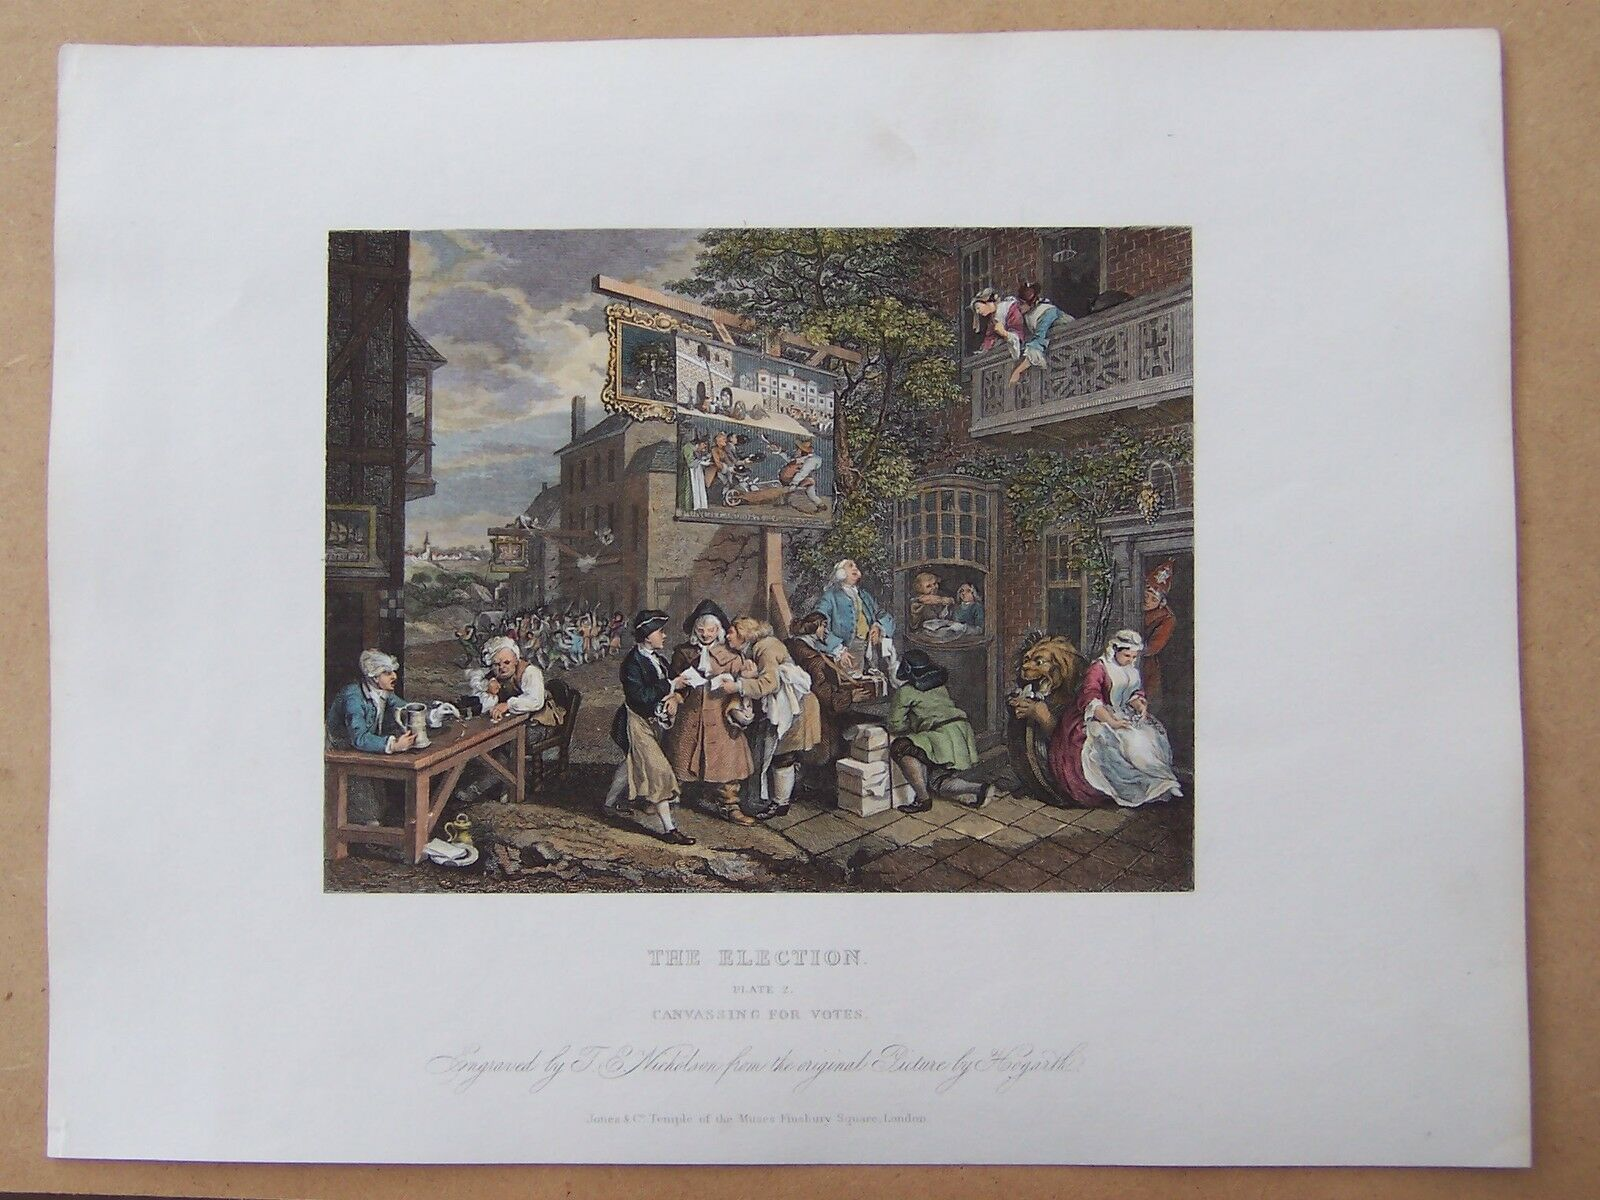 Anglia Arts and Prints